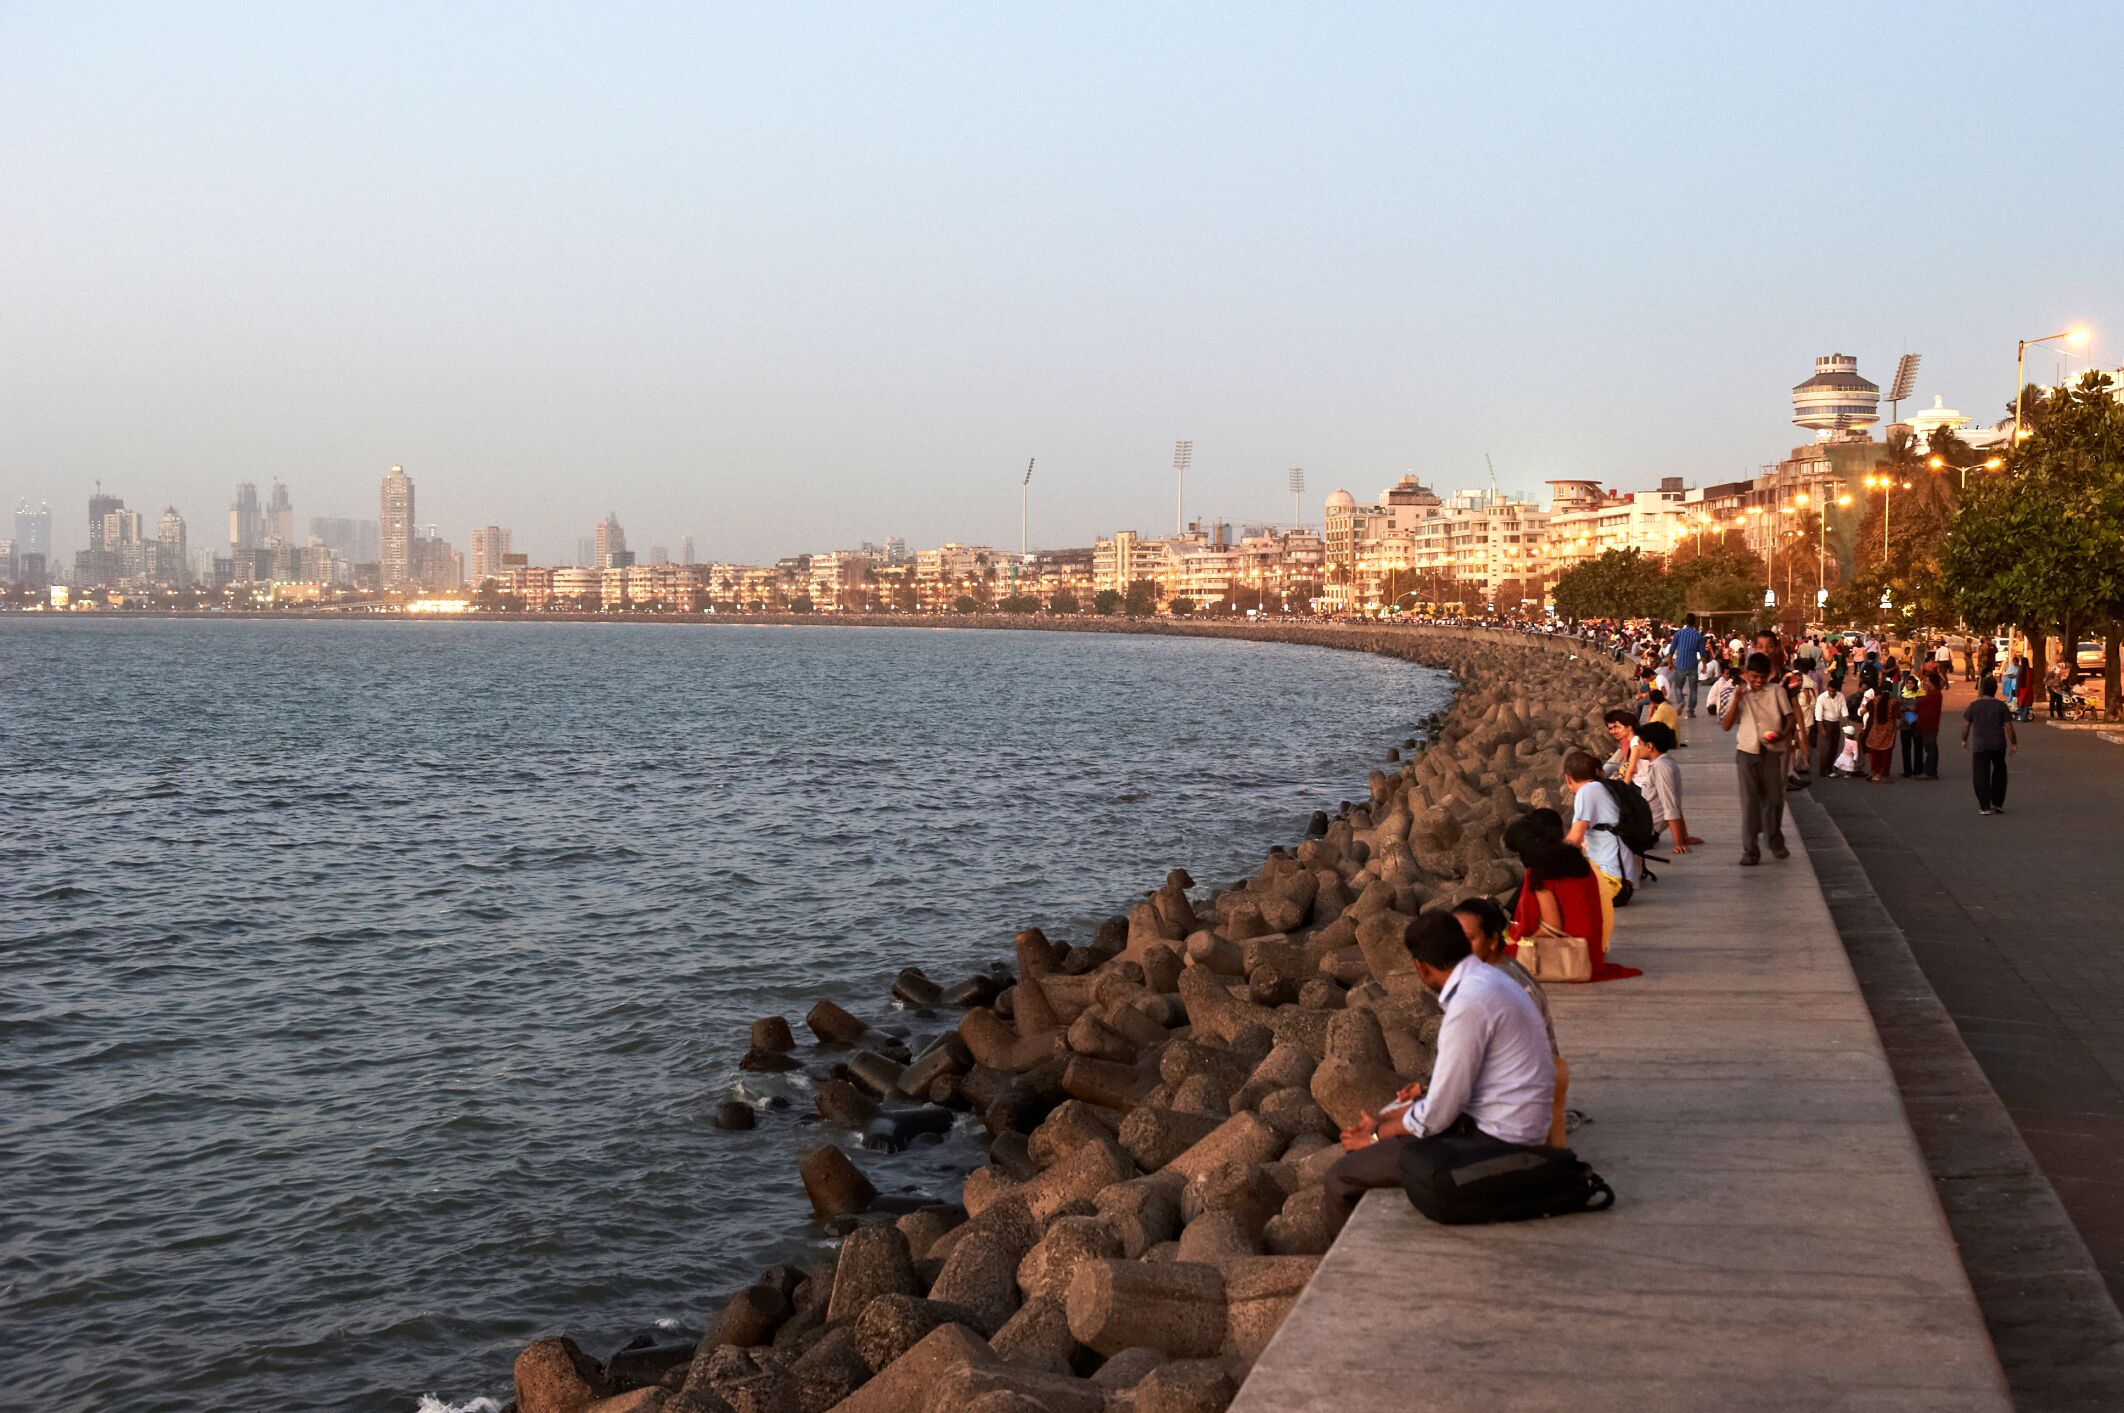 Auch abends faszinierend: Mumbais Skyline